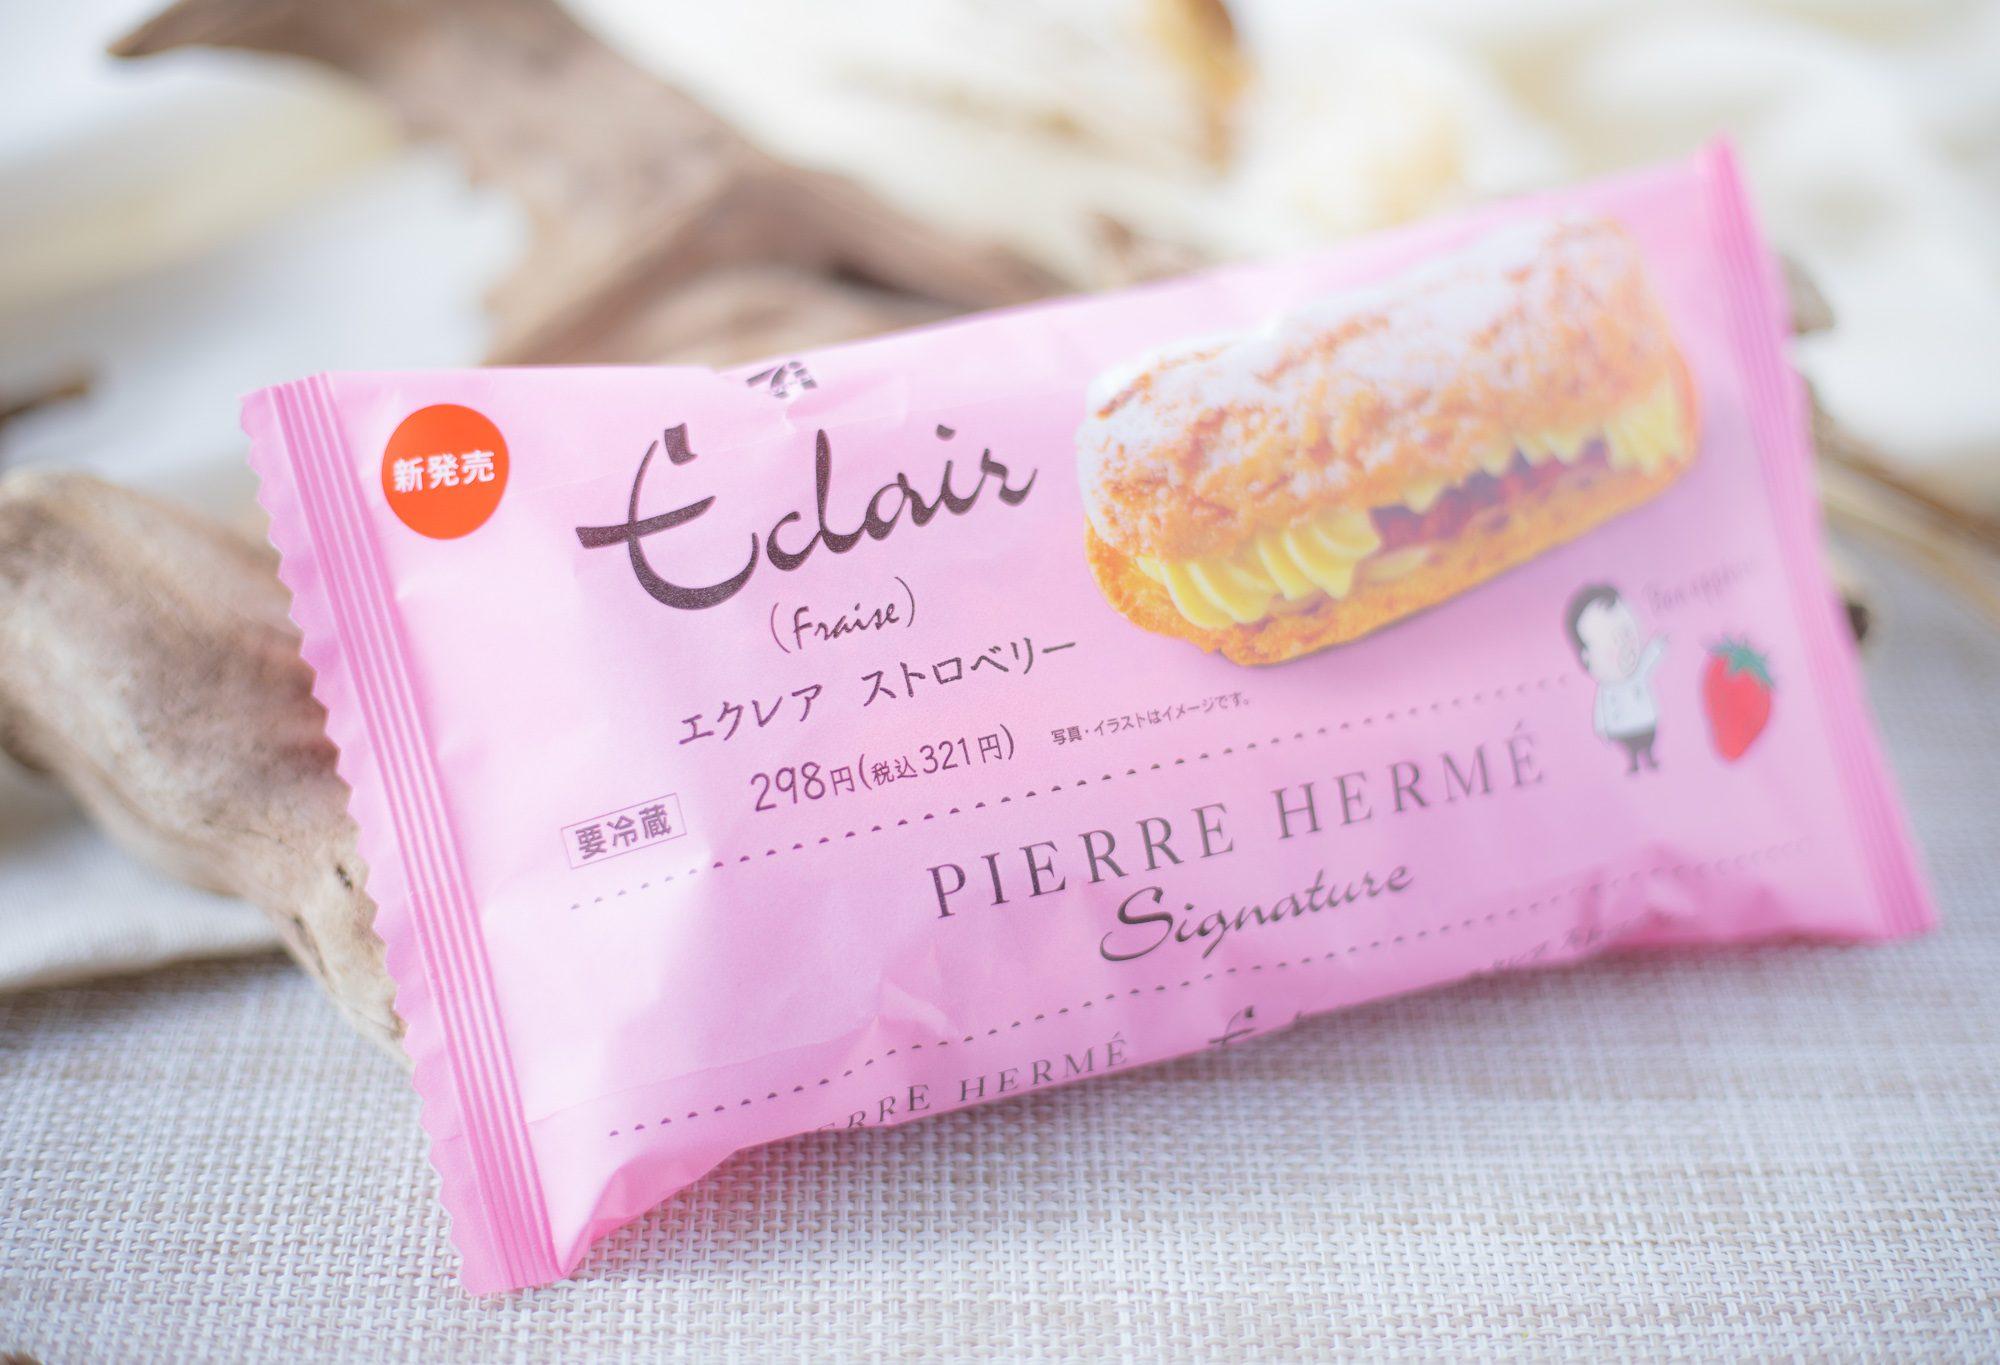 セブン−イレブン『ピエール・エルメ シグネチャー エクレア ストロベリー』実食レビュー!ラズベリーと苺の深い味わいの大人ピューレが印象的な華やかエクレア◎